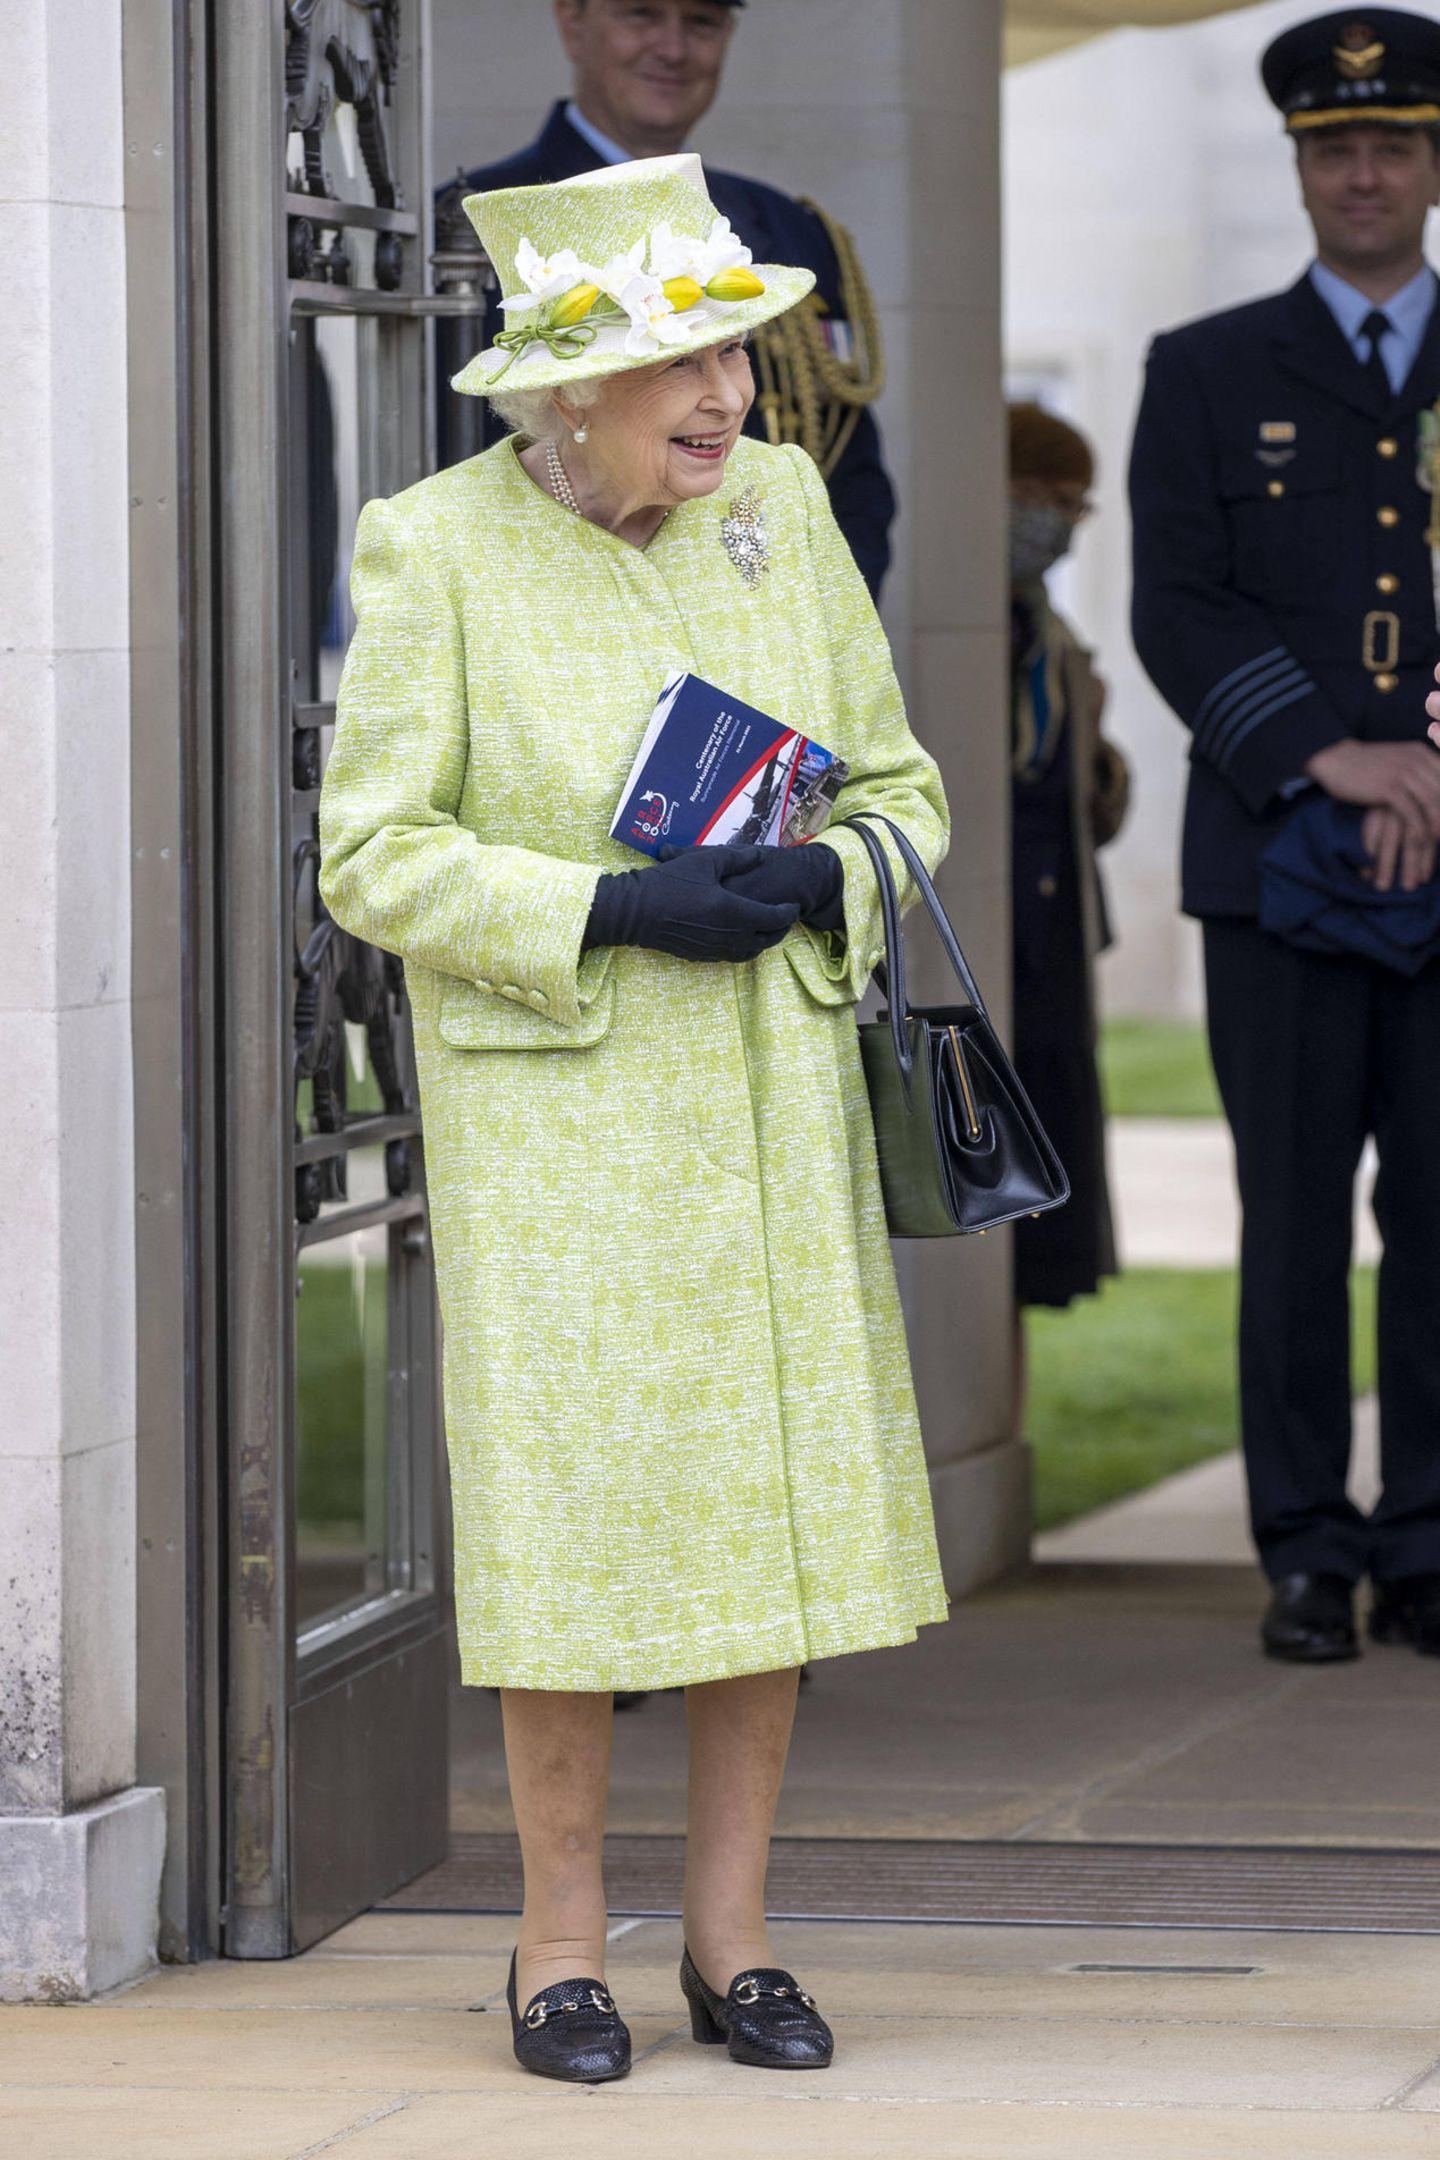 """Es ist der erste öffentliche Auftritt nach fünfmonatiger Corona-Isolation. Am Mittwoch (31. März 2021) in Englefield Green in der Grafschaft Surrey nimmt Queen Elizabeth an der Hundertjahrfeier der """"Royal Australian Air Force"""" teil. Ihr Look: frühlingshaft und perfekt aufeinander abgestimmt. Das grüne Ensemble, bestehend aus Kleid, Mantel und Hut, gehört zu den Lieblingsstücken der Queen. Bereits 2016 und 2019 trug sie exakt die gleiche Kombi, nur die Handschuhe waren diesmal schwarzanstatt weiß."""